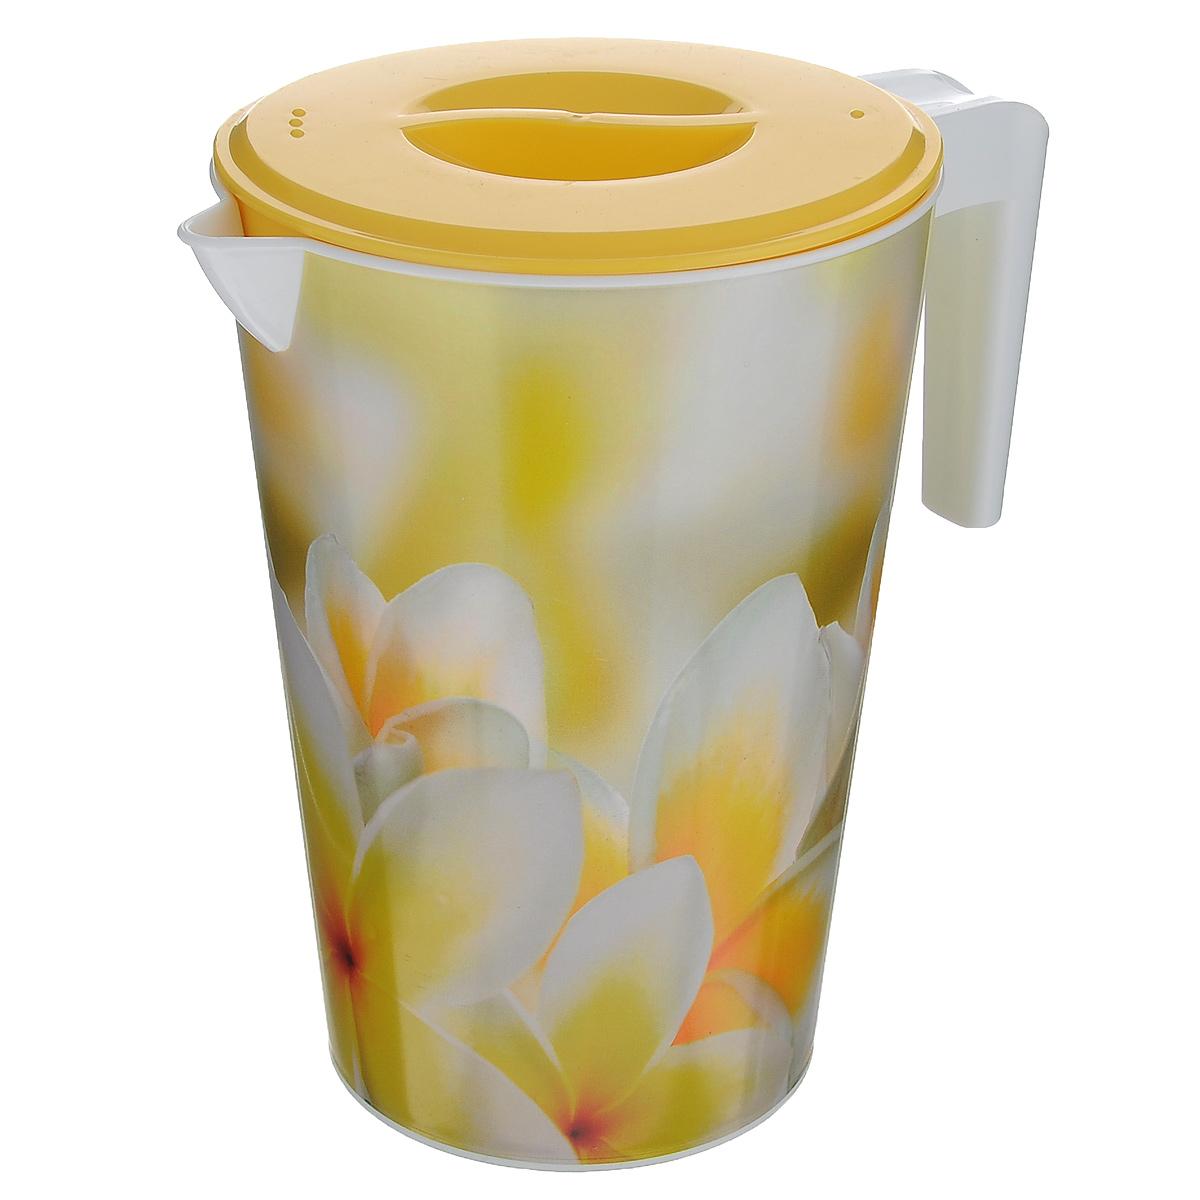 Кувшин Альтернатива Романтика, с крышкой, цвет: желтый, 2 л5441514Кувшин Альтернатива Романтика, выполненный из пластика и декорированный ярким цветочным рисунком, элегантно украсит ваш стол. Кувшин оснащен удобной ручкой и плотно закрывающейся пластиковой крышкой. Изделие имеет носик для выливания жидкости. Подойдет для подачи воды, сока, компота и других напитков. Кувшин Альтернатива Романтика дополнит интерьер вашей кухни и станет замечательным подарком к любому празднику. Объем: 2 л. Диаметр (по верхнему краю): 14 см.Диаметр основания: 10,5 см.Высота кувшина: 19,5 см.